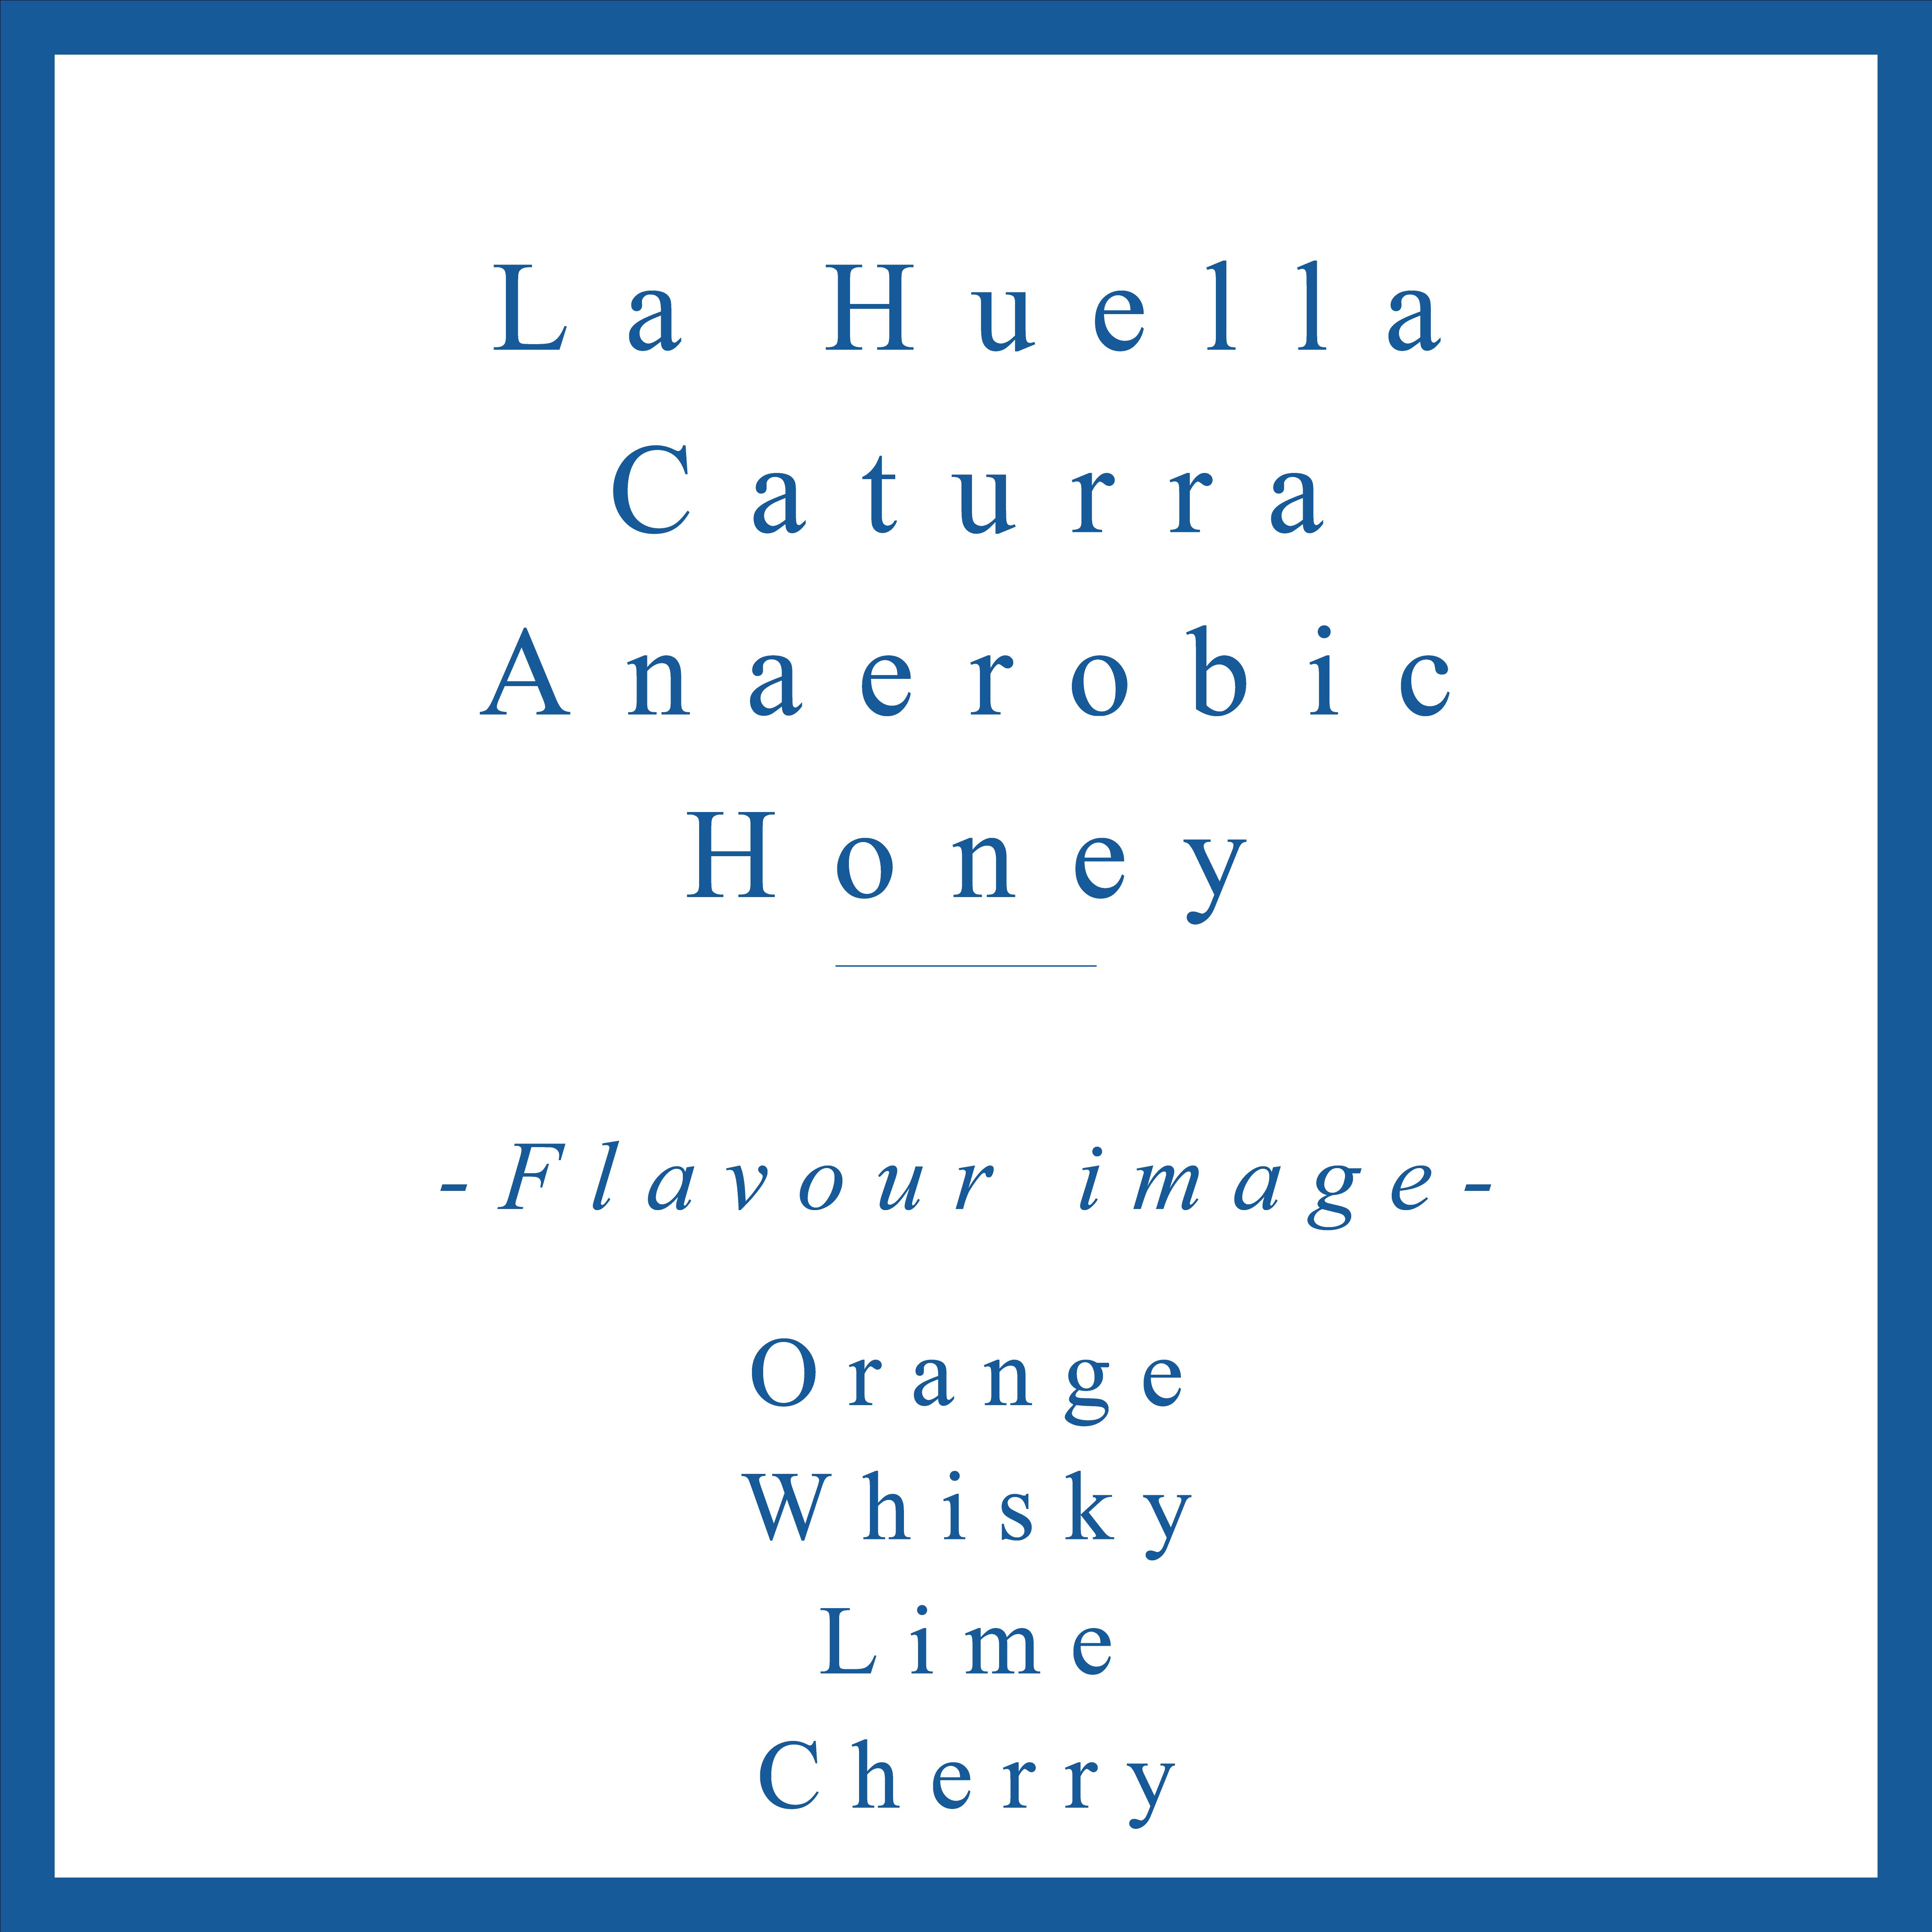 La Huella Caturra Anaerobic Honey